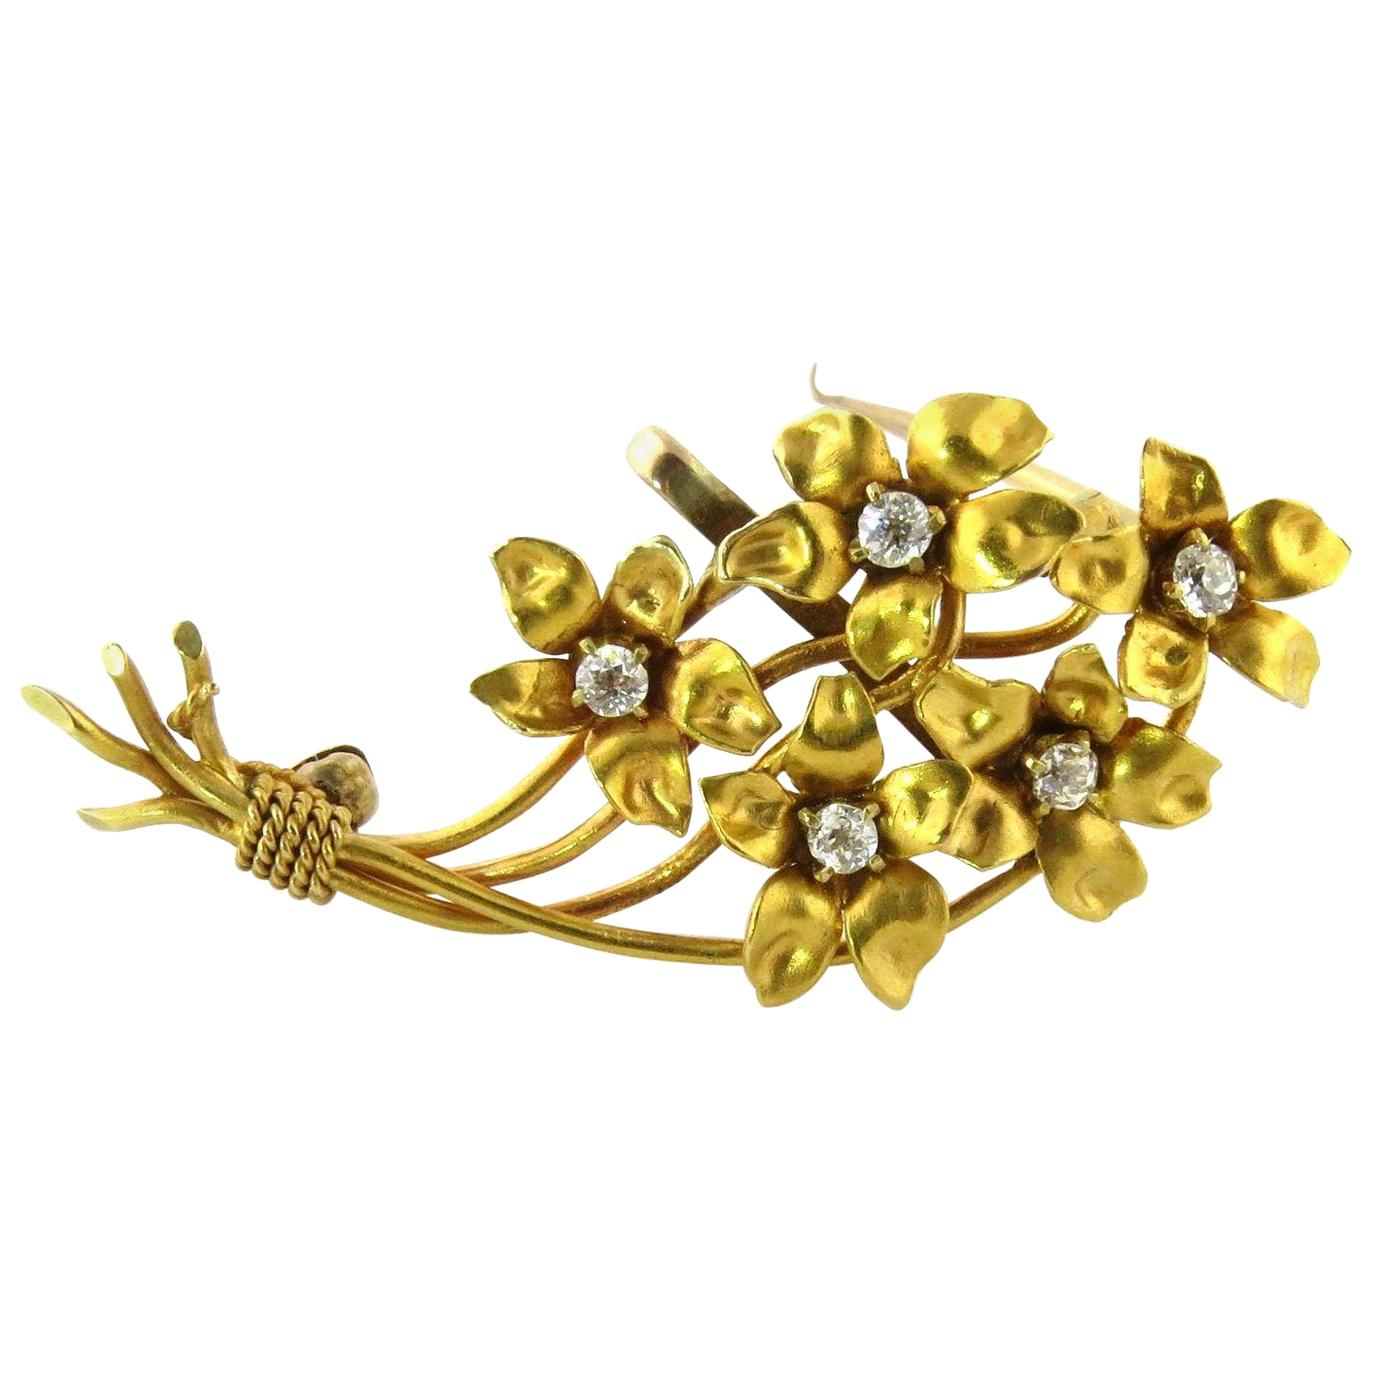 Antique 14 Karat Yellow Gold Diamond Flower Bouquet Brooch Pin